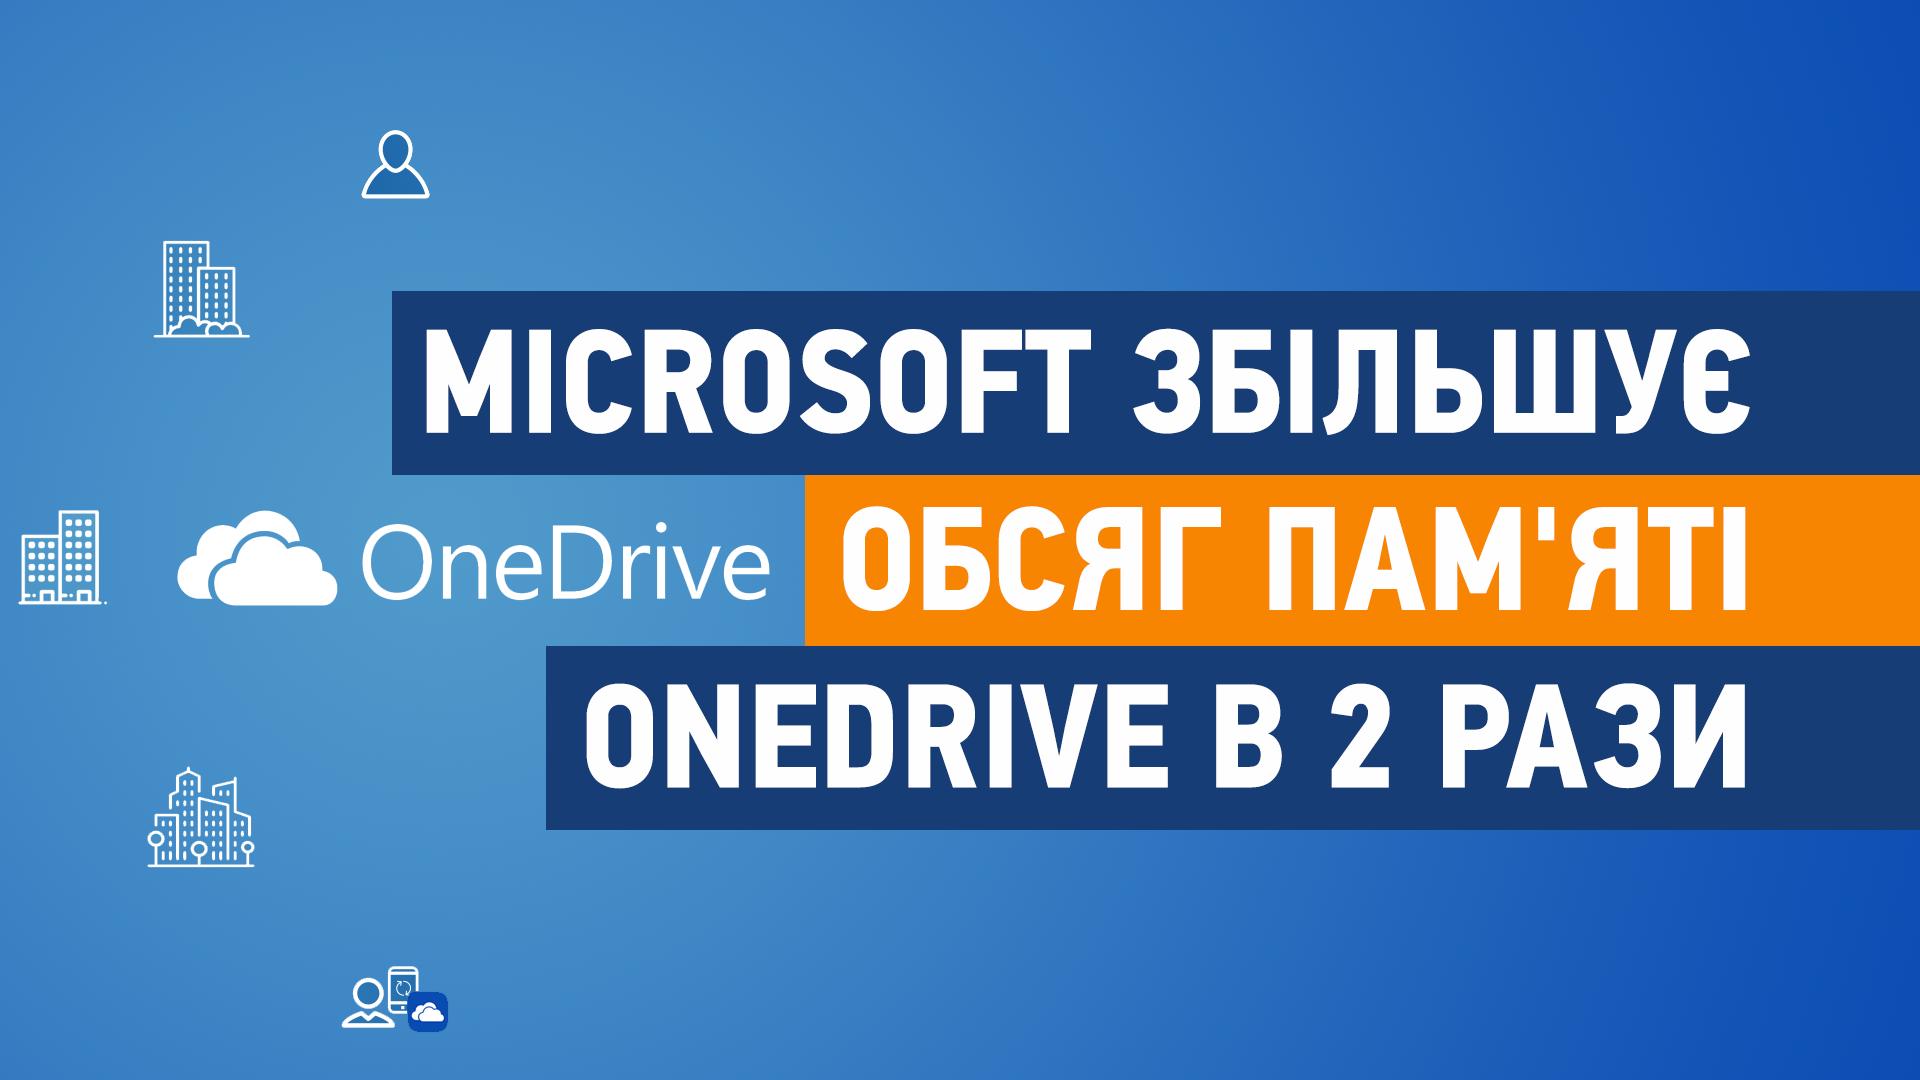 Microsoft збільшує обсяг пам'яті в OneDrive, при використанні стандартного тарифу, в 2 рази